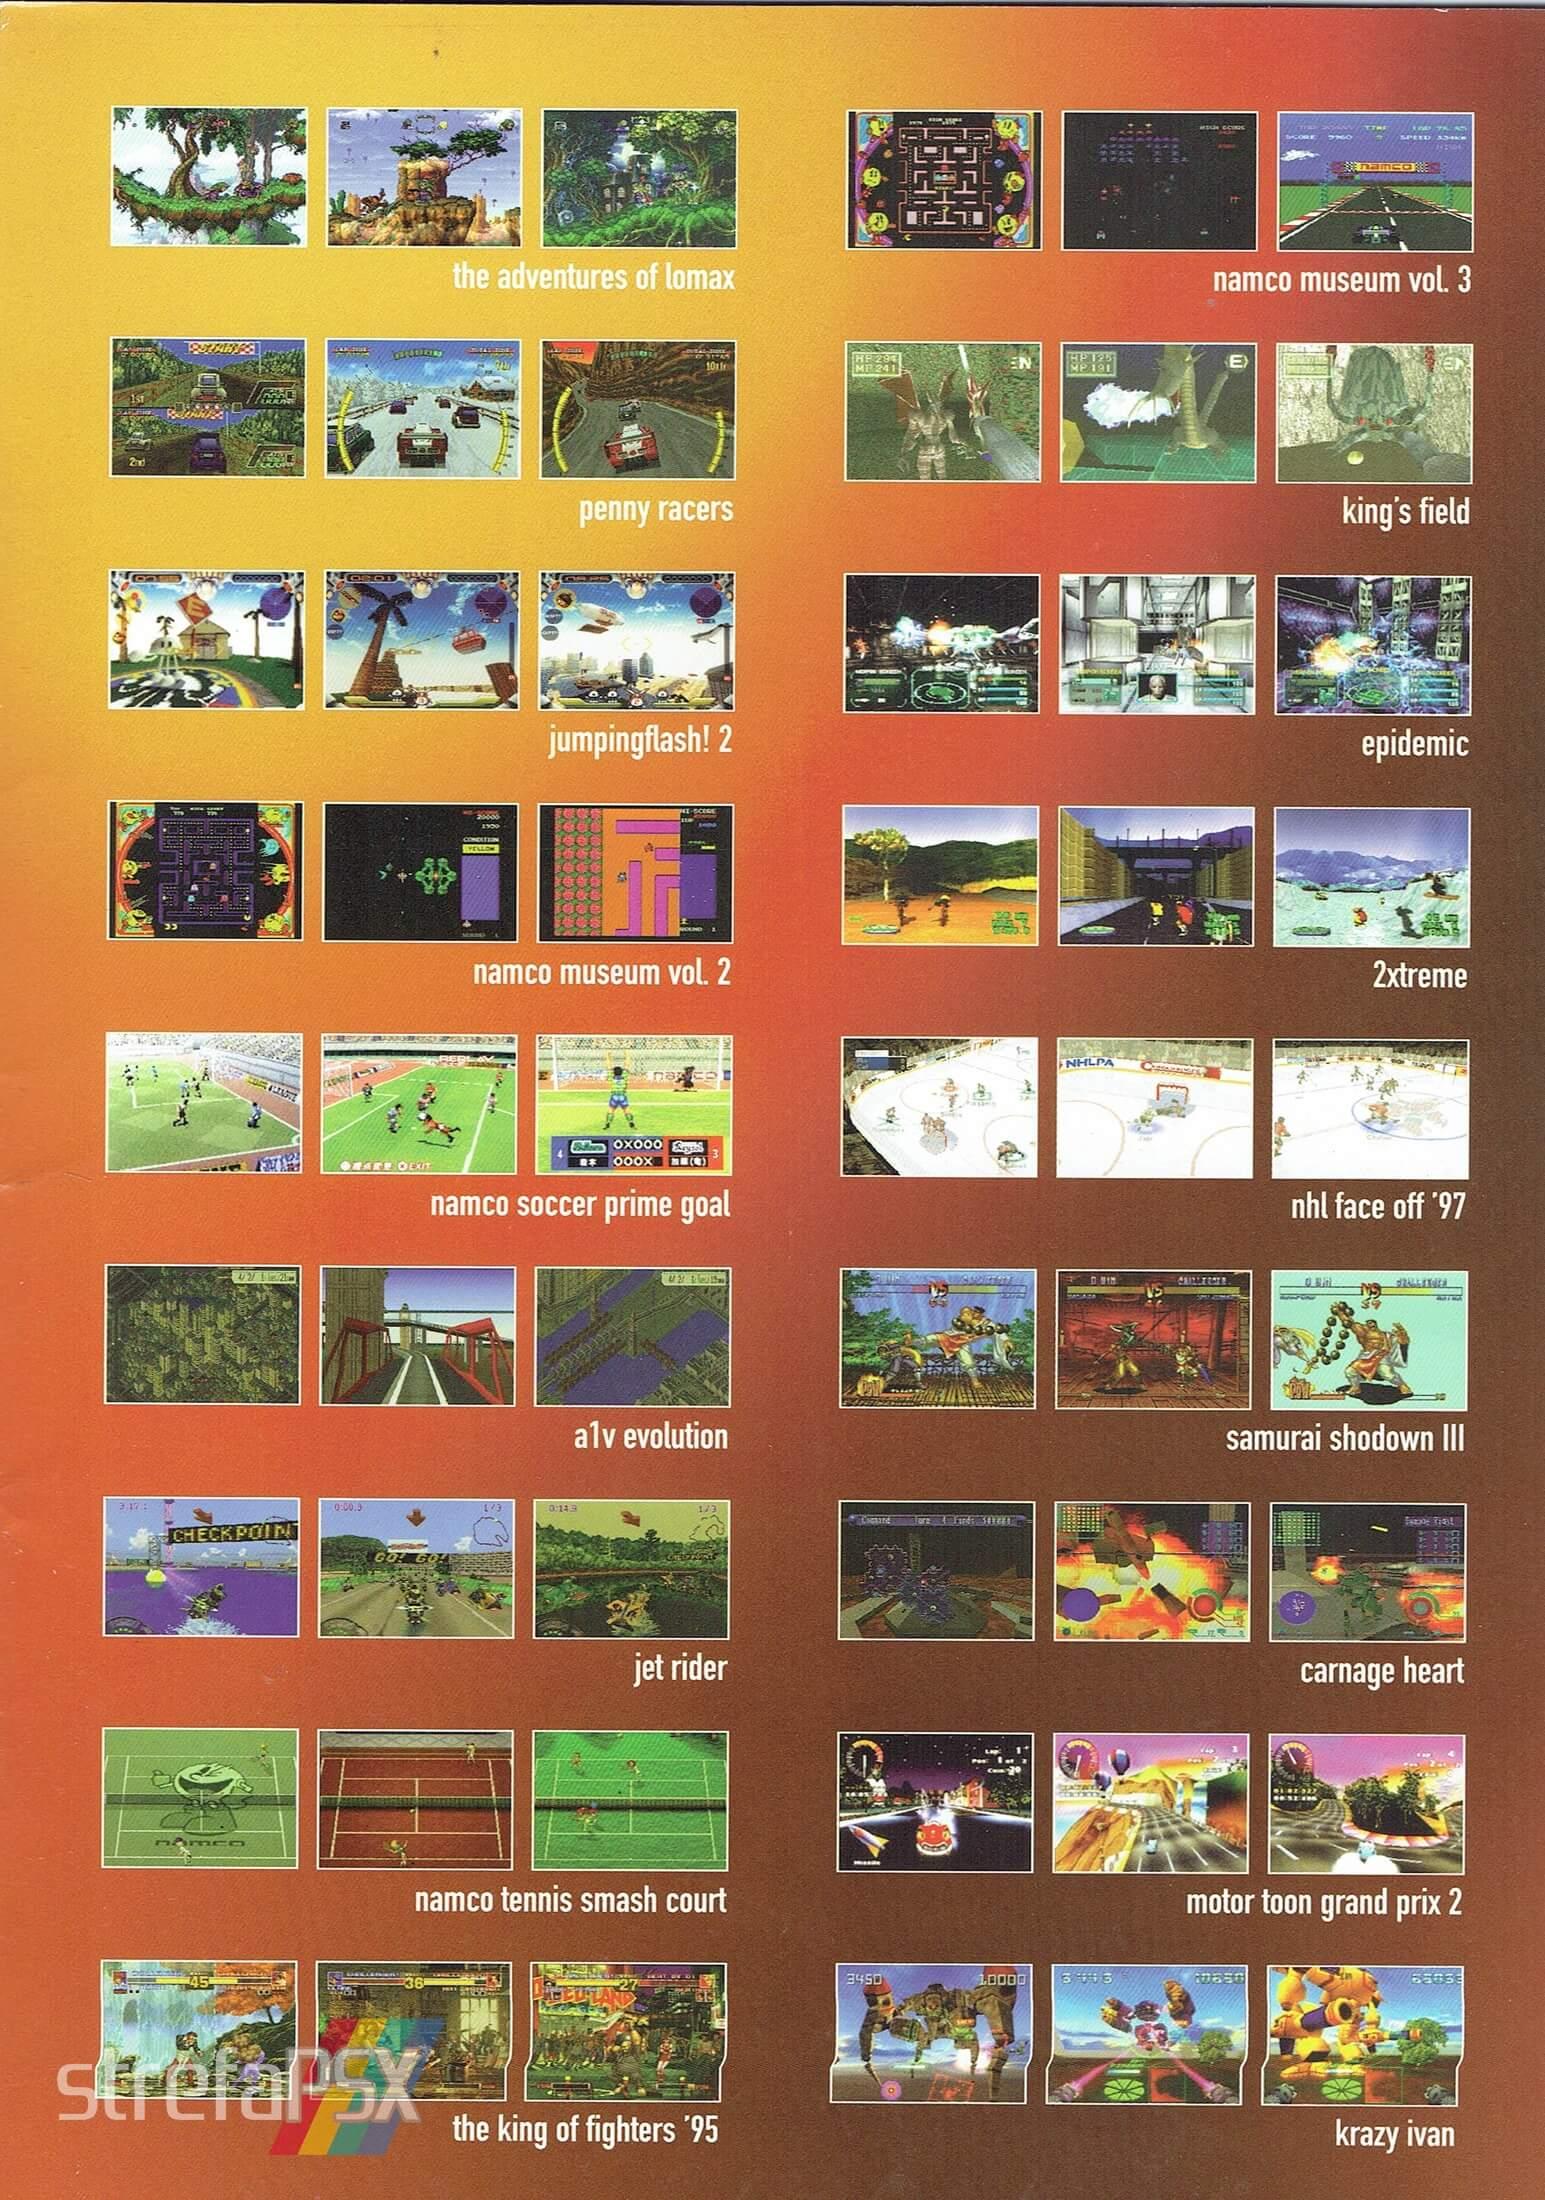 broszura reklamowa psx 04 - Broszury reklamowe PlayStation z dawnych lat